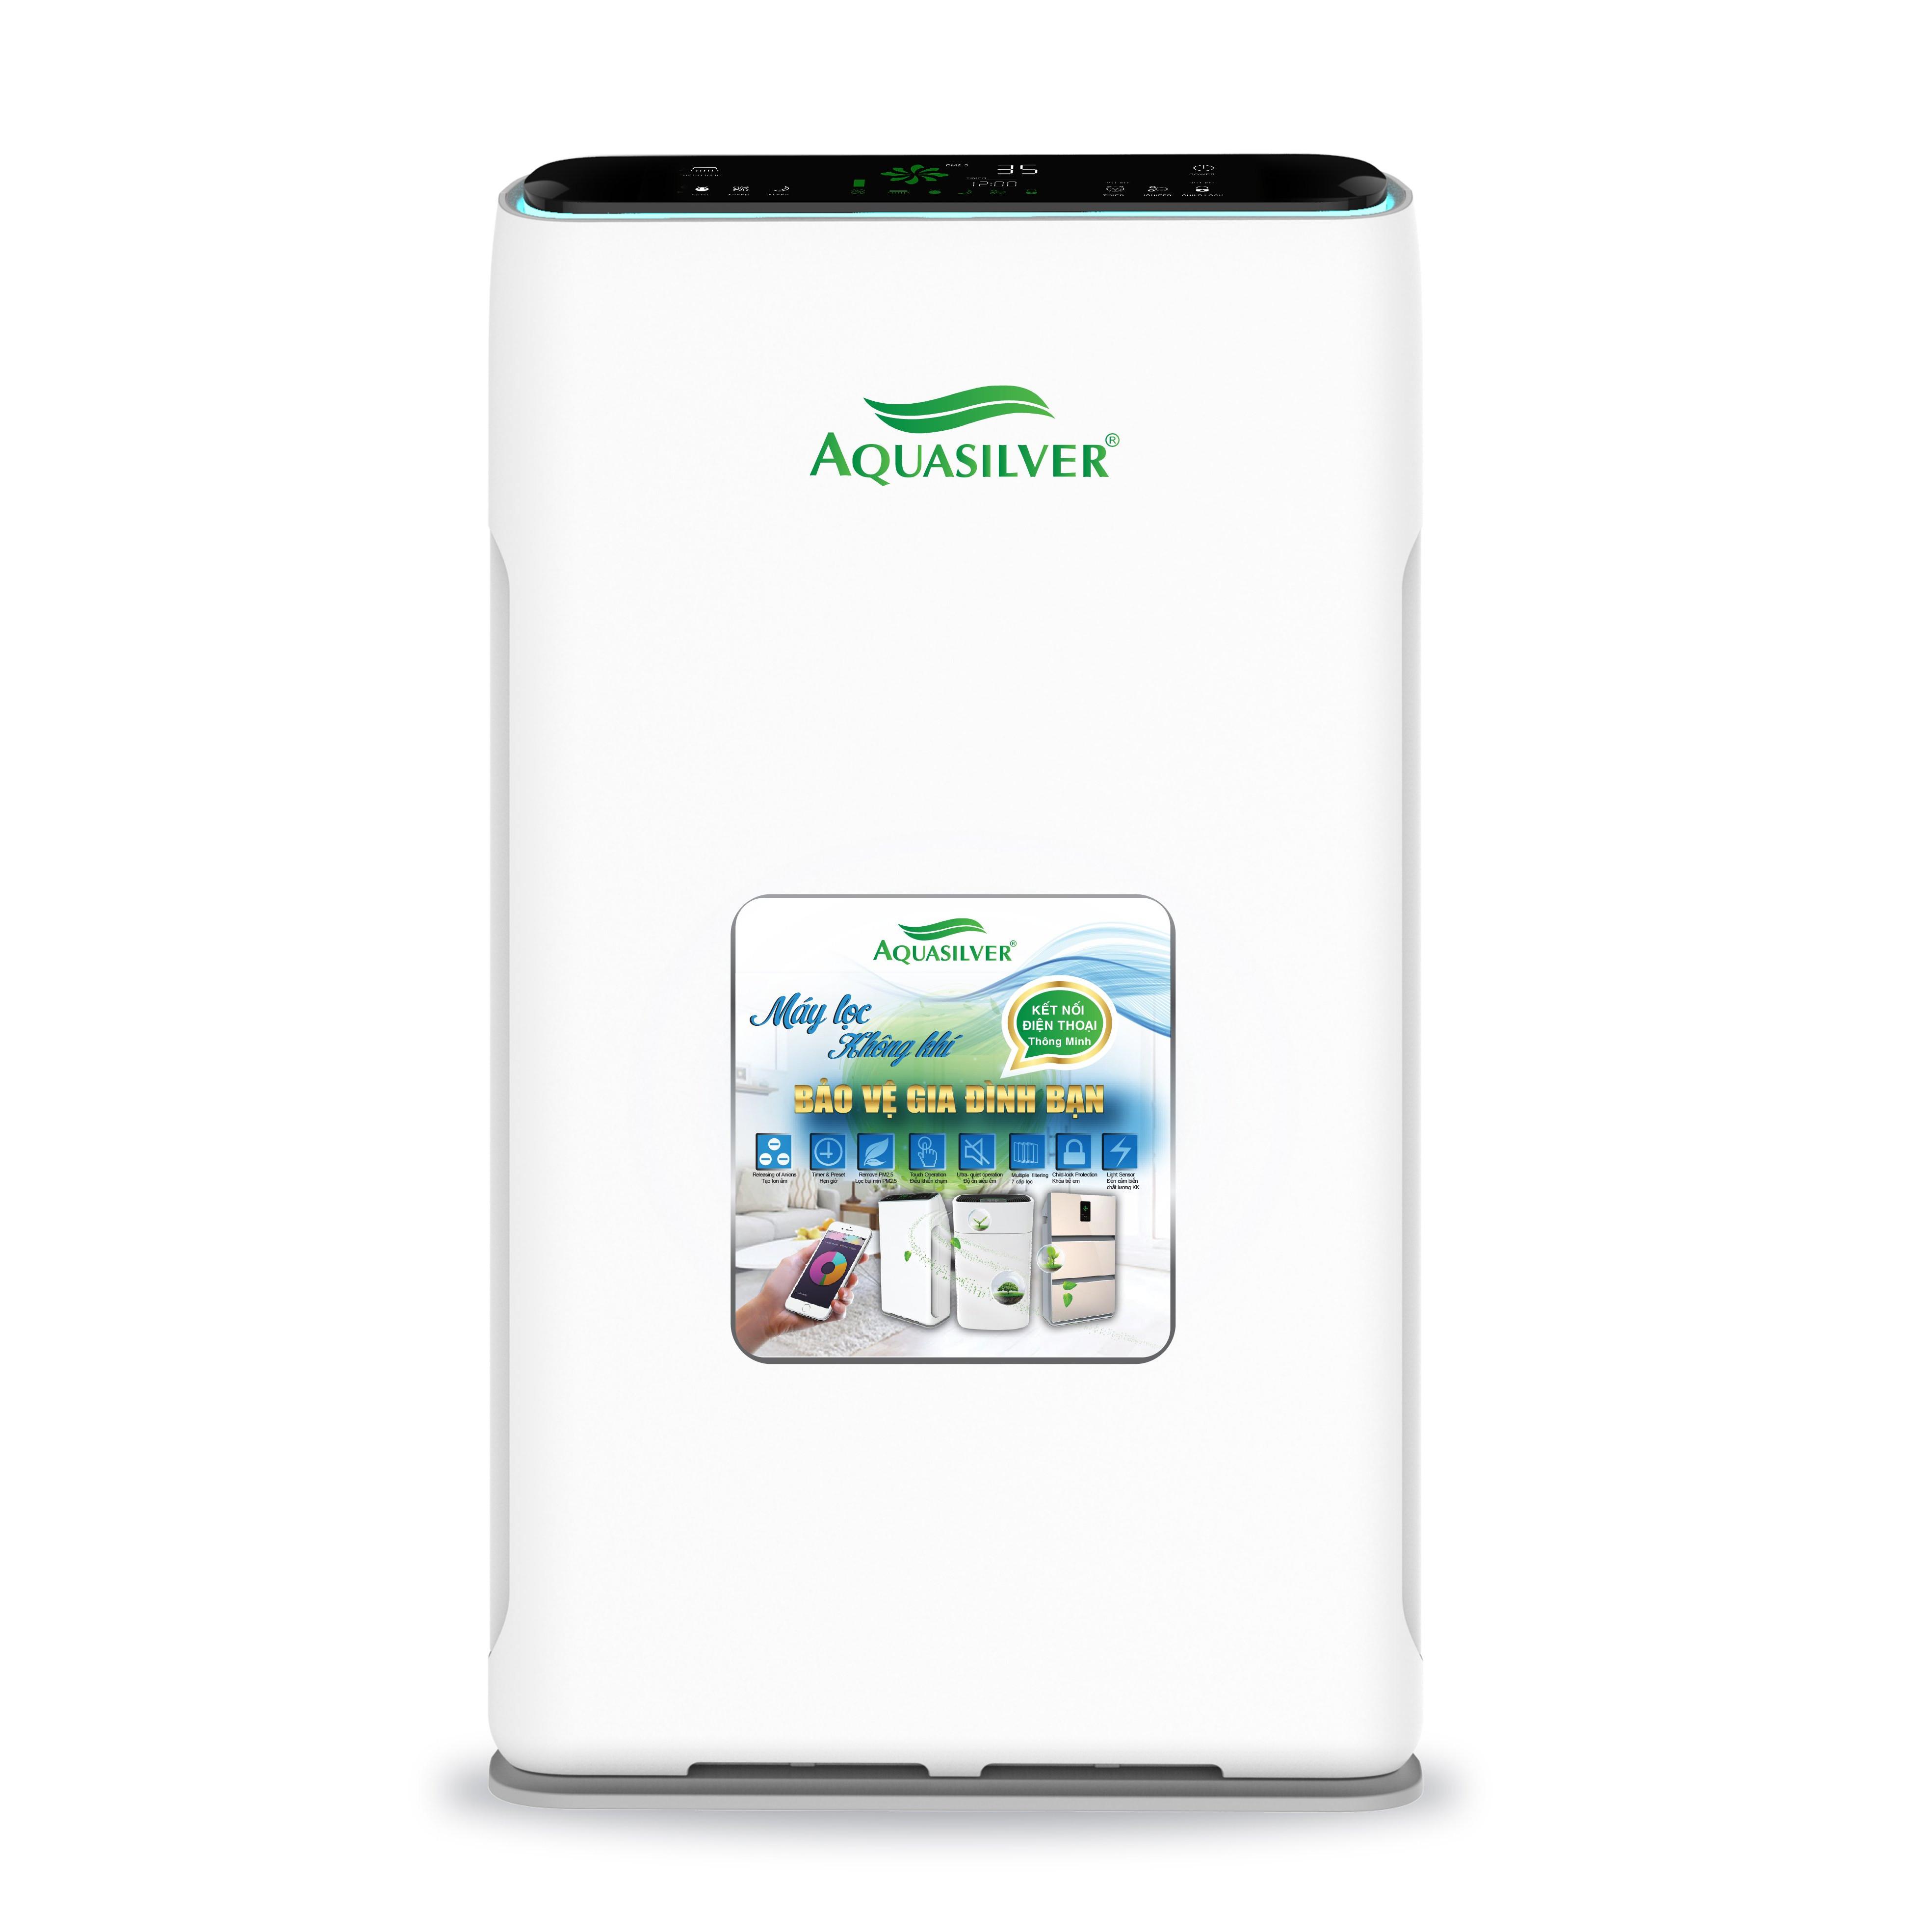 Máy lọc không khí Aquasilver hàng nhập khẩu, khử mùi, UV diệt khuẩn, tạo ion âm, kết nối điện thoại thông minh